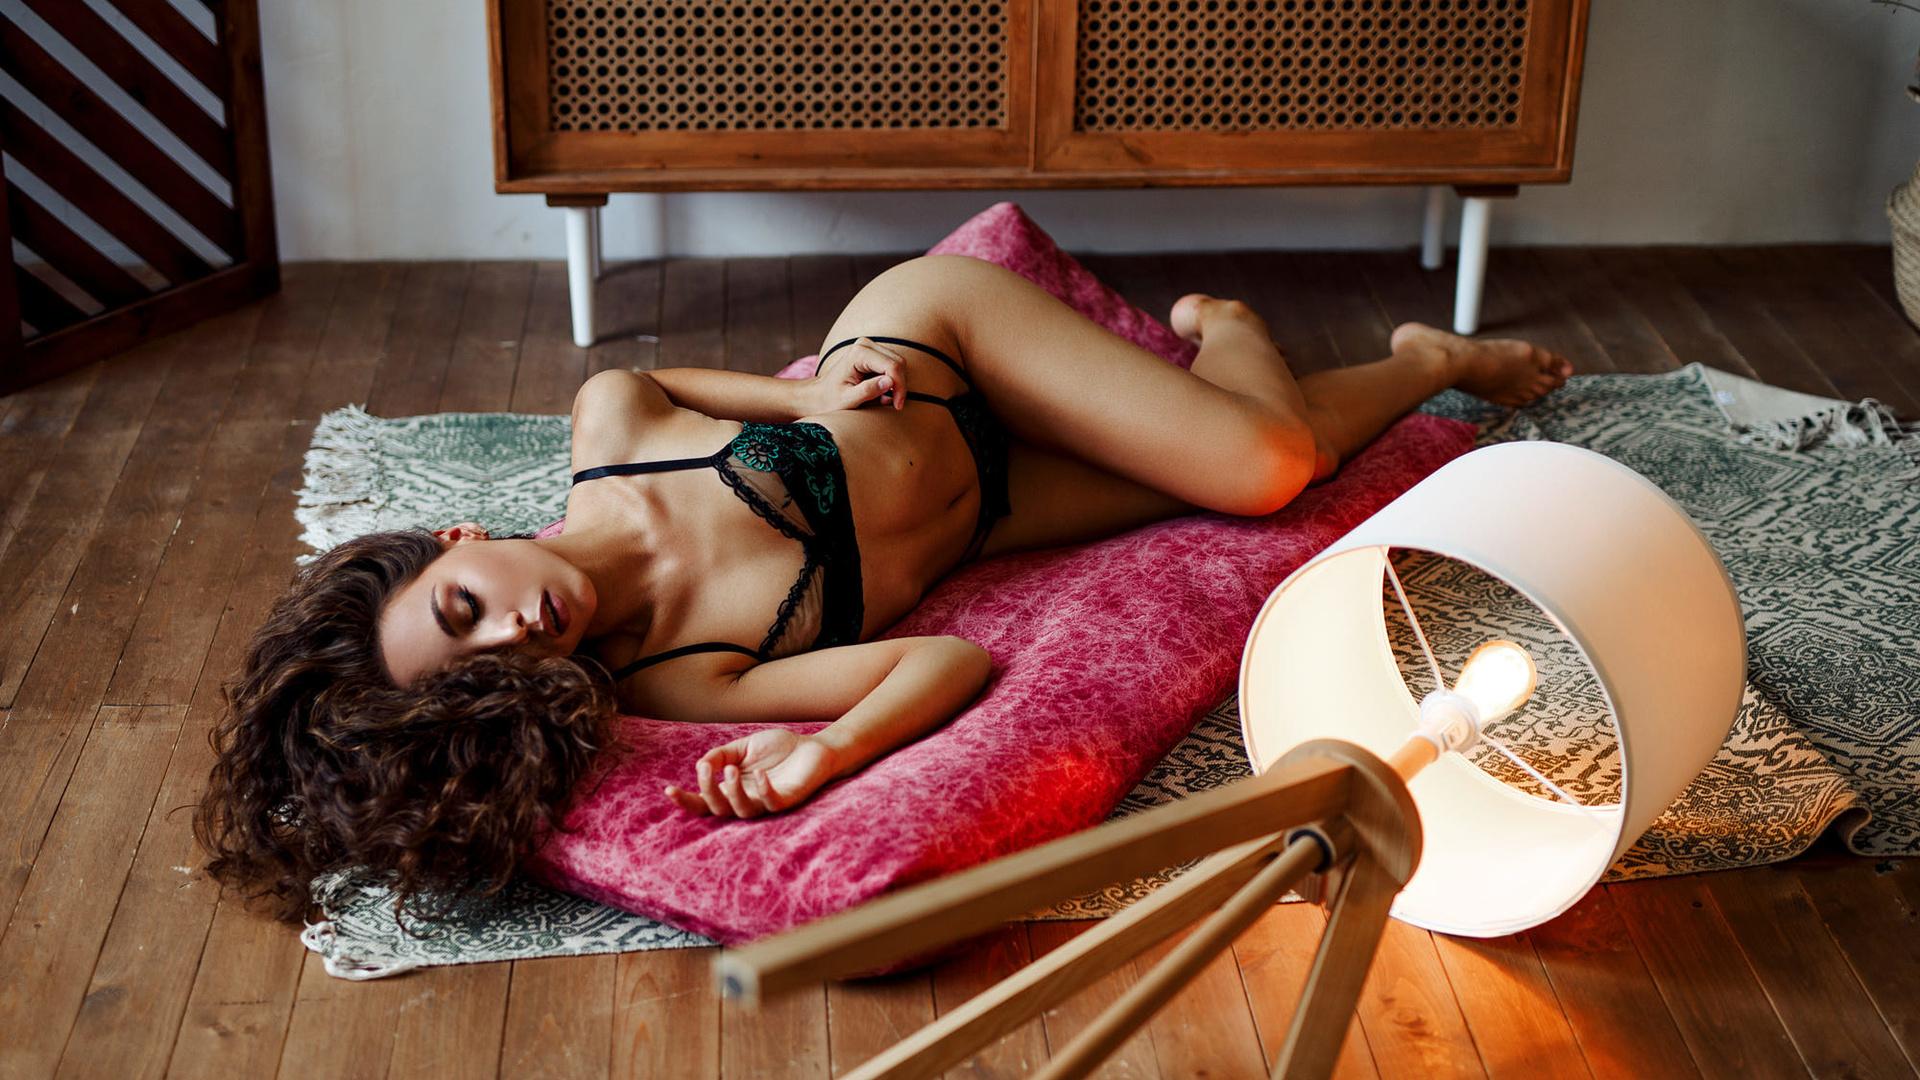 women, on the floor, lamp, light bulb, closed eyes, wooden floor, women indoors, ribs, black lingerie, belly, brunette